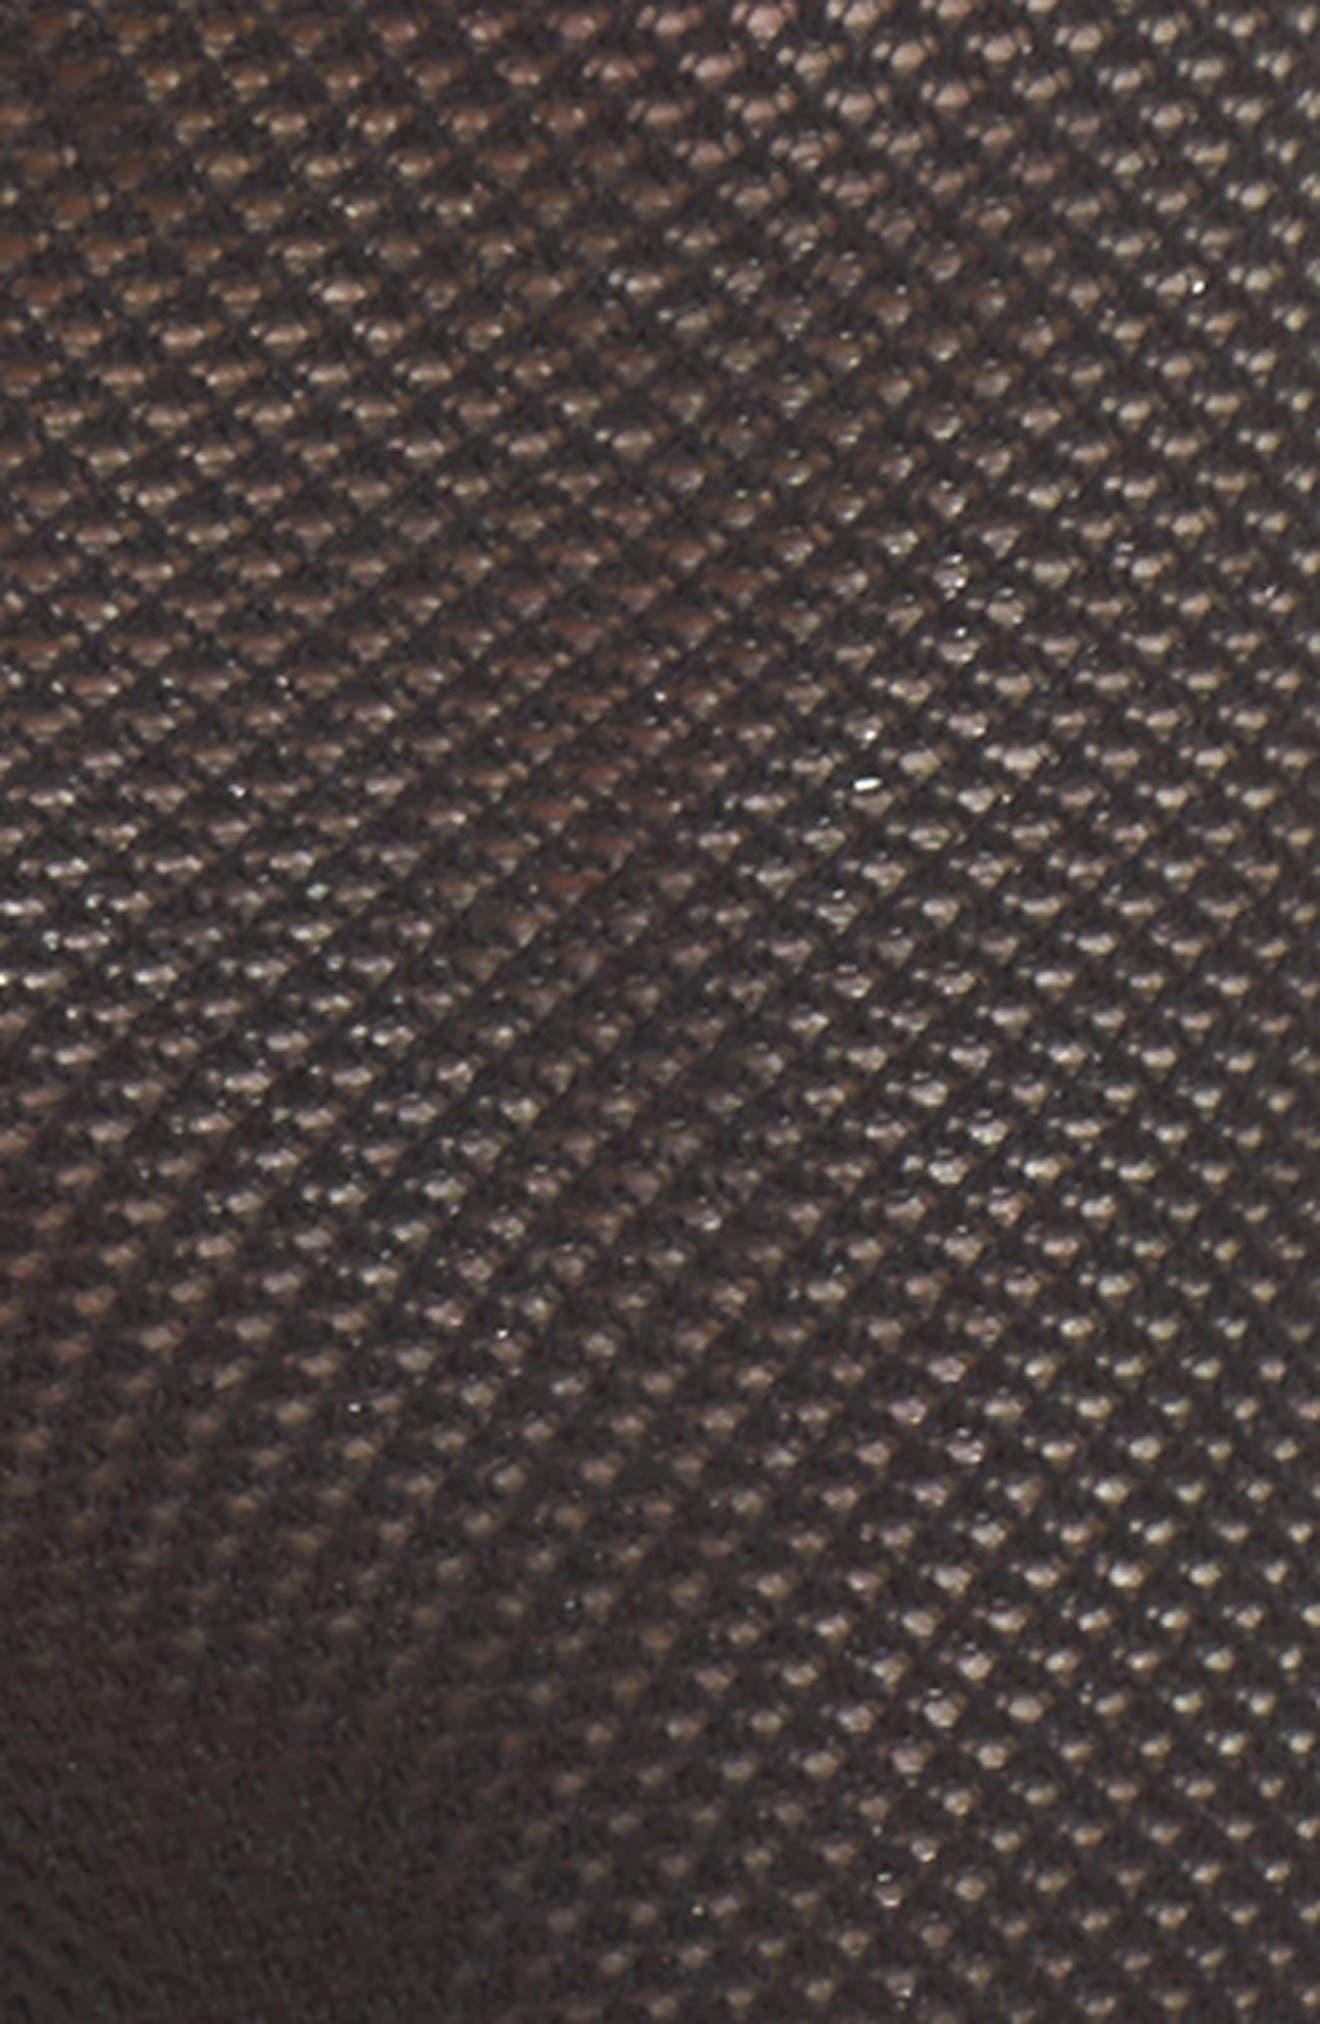 Stripe Mesh Ankle Socks,                             Alternate thumbnail 2, color,                             Black